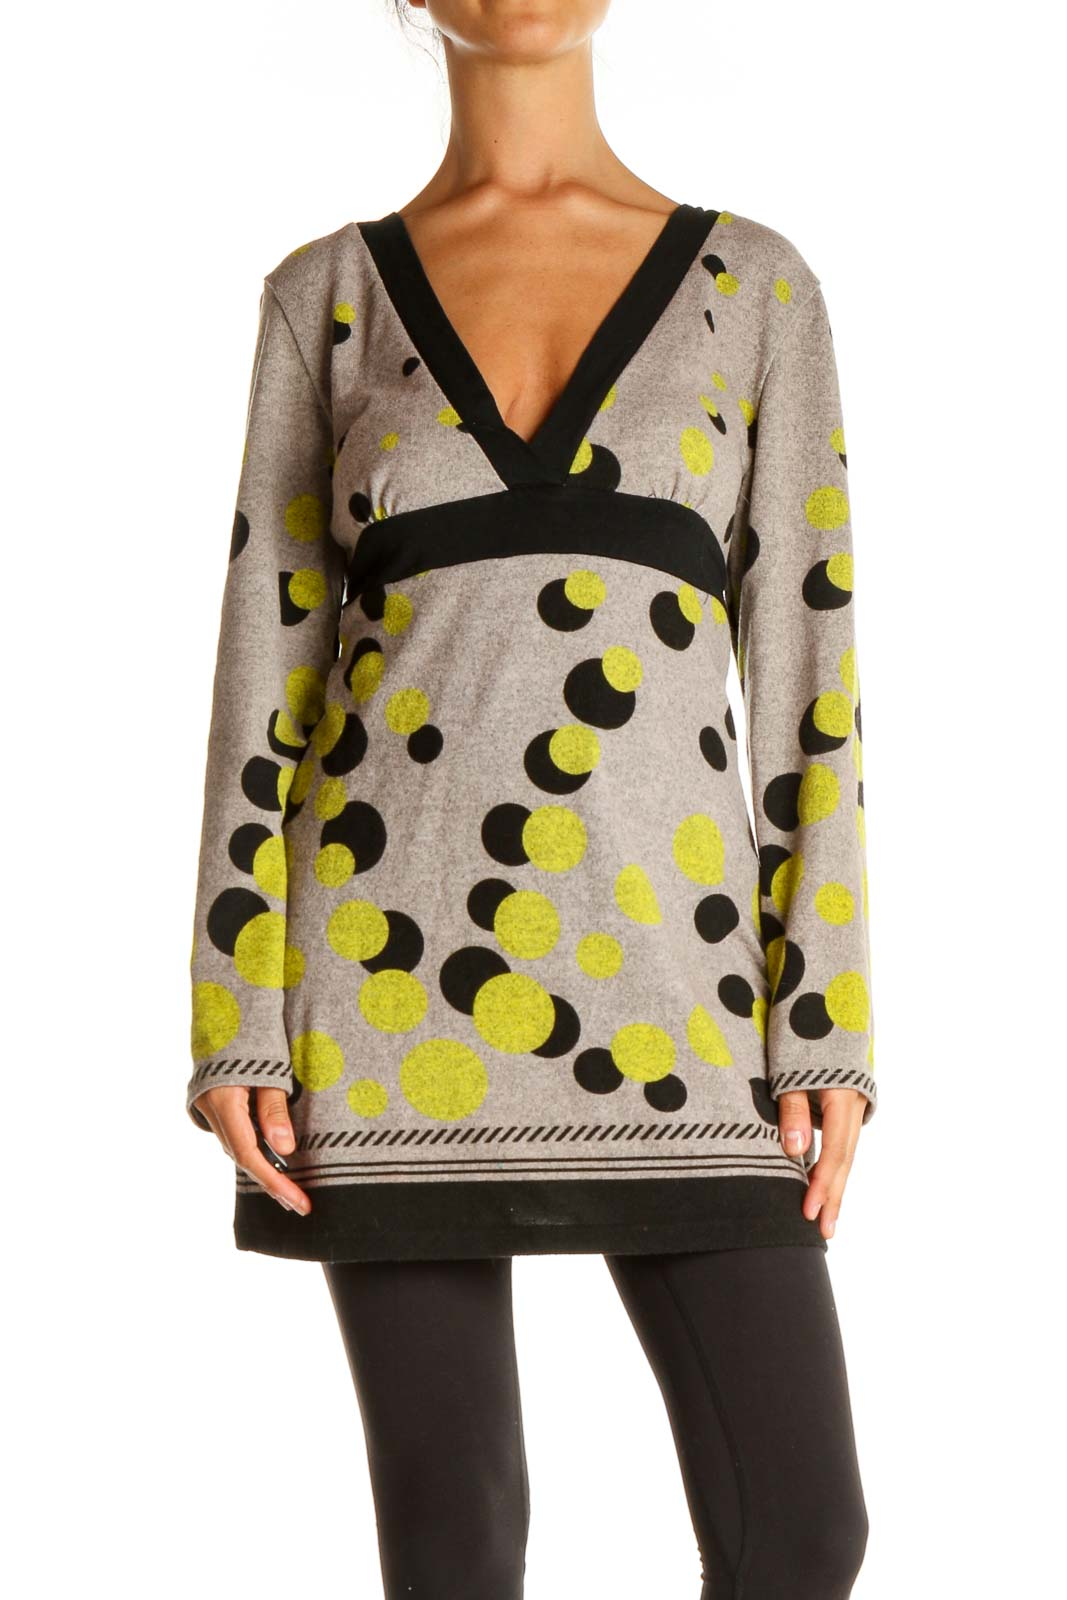 Beige Polka Dot All Day Wear Sweater Front